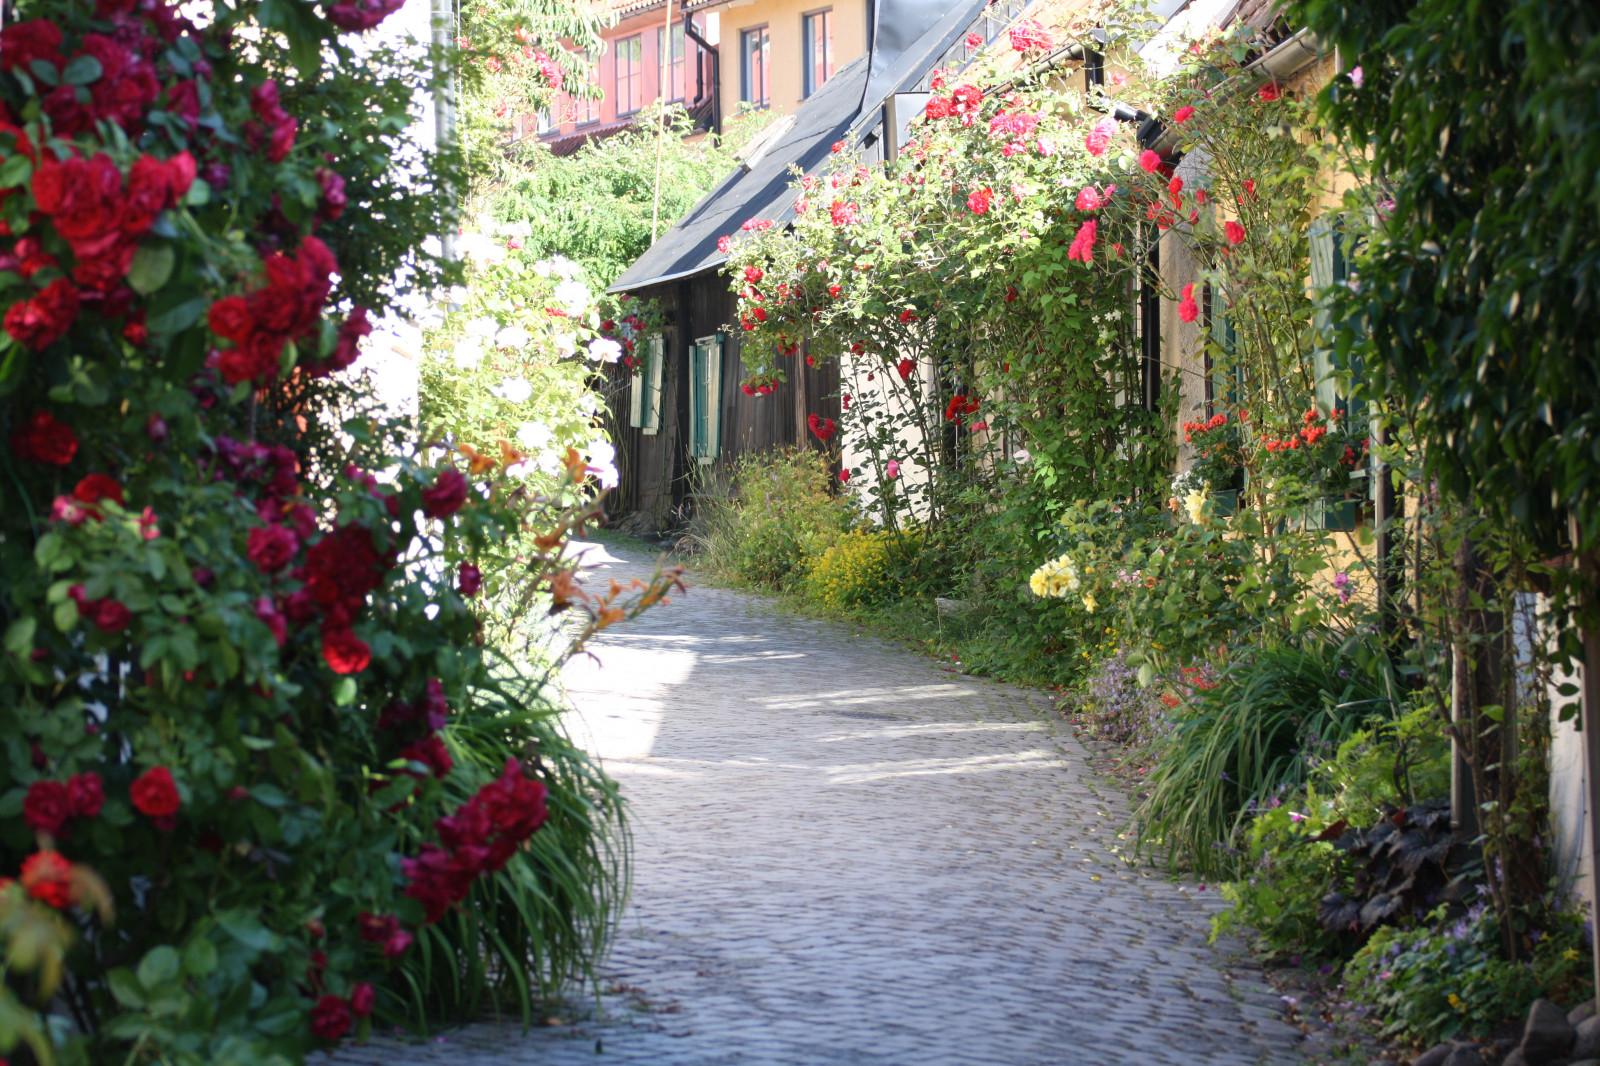 krajina, zahrada, Dům, hotel, jaro, Visby, chodník, chalupa, zadní dvorek, majetek, strom, květ, rostlina, alej, flóra, pramen, rosor, Kallis, f RJA, gotlandsf rjan, Hostel, špatný, domů, Gotland, Ringmur, almedalen, restauranger, bb, destinace, kvetoucí rostlina, keř, floristika, outdoor struktura, nádvoří, zahradní růže, růže rodina, růže objednávka, Botanická zahrada, terénní, Beachclub, uteliv, Vandrarhem, Boende, Biljetter, Barer, Stockholmsveckan